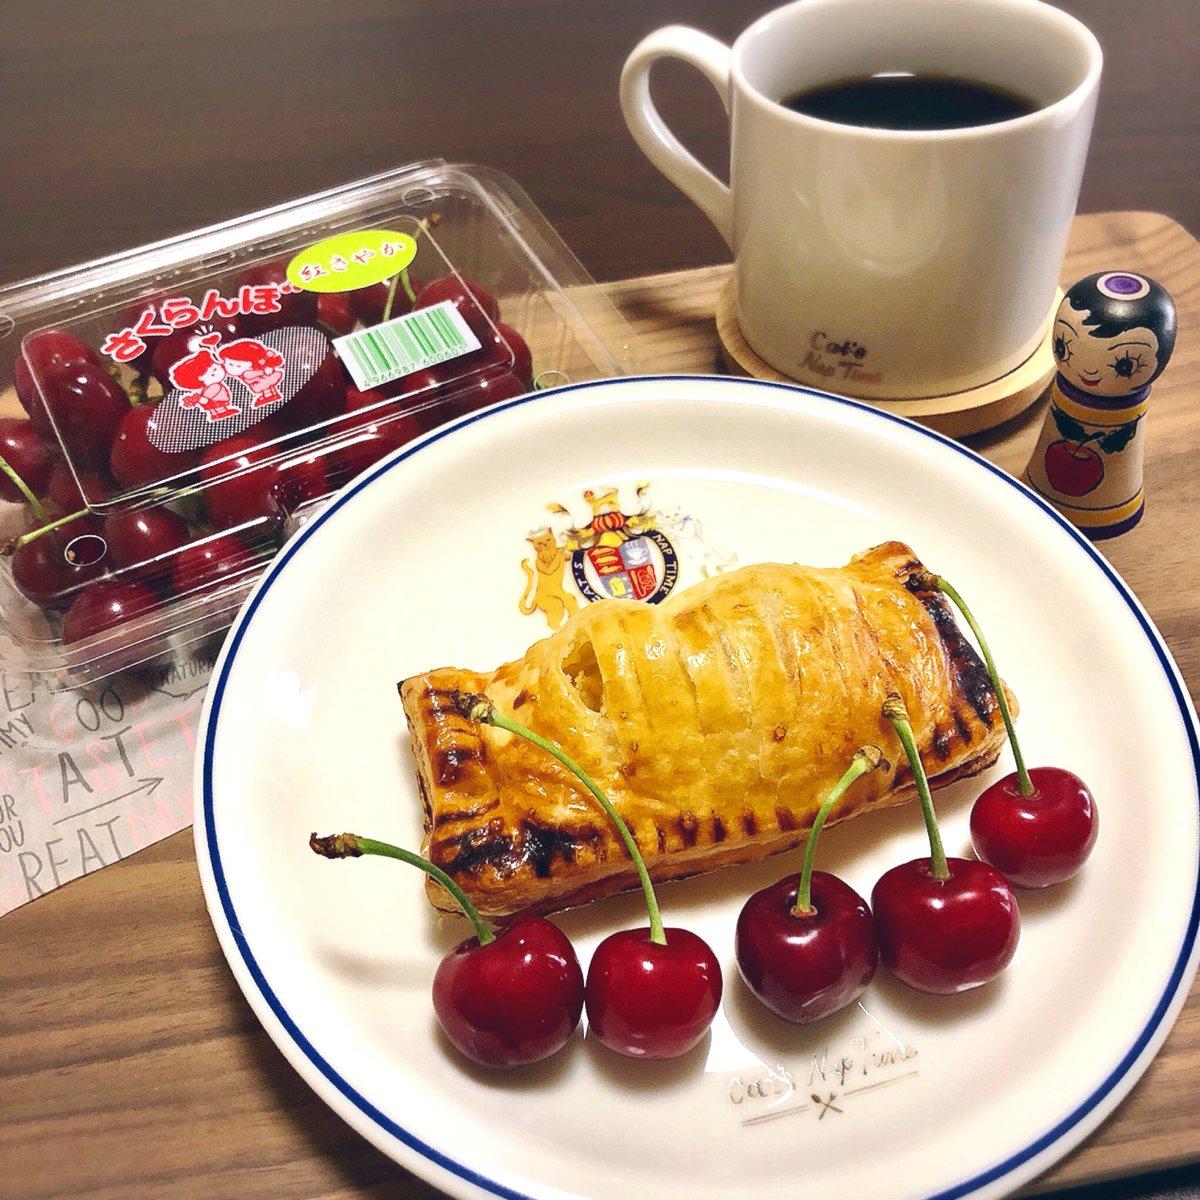 今朝は、道の駅りょうぜん で買ってきた #アップルパイ と #さくらんぼ ( #紅さやか )を食べました😋☕️  #伊達市 #霊山町 #道の駅 #霊山 #伊達の郷りょうぜん